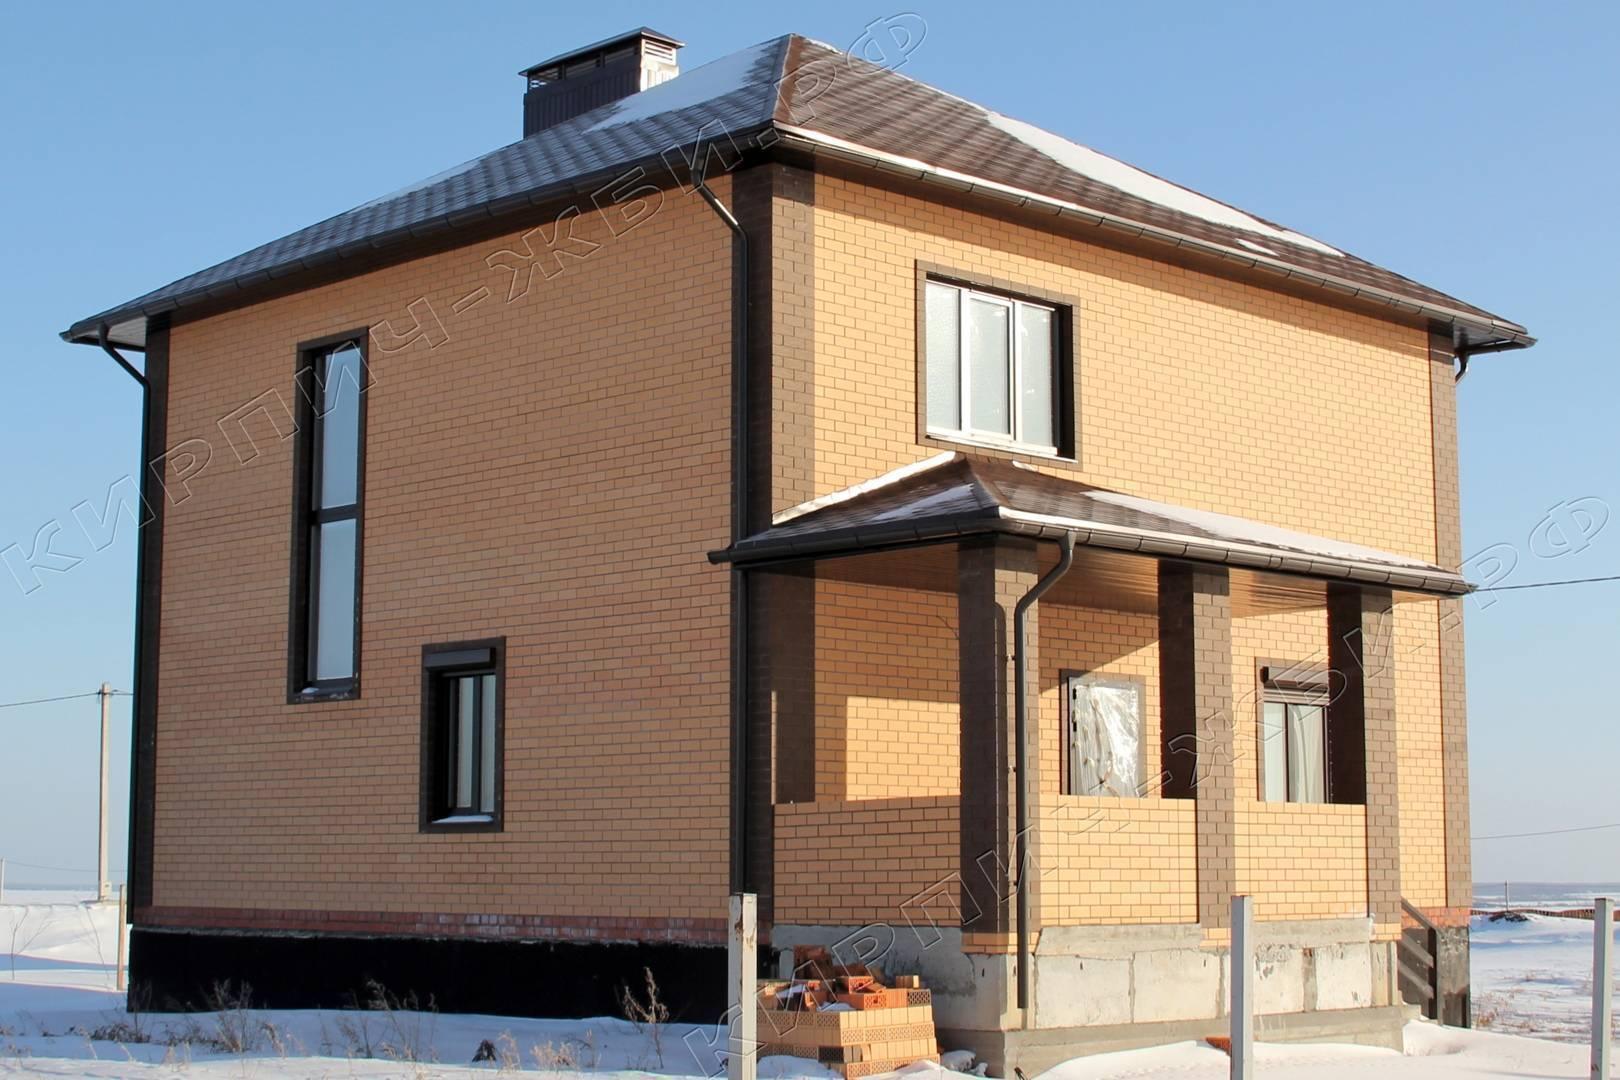 Дизайн фасадов домов из кирпича. идеи дома из коричневого кирпича: варианты и комбинации. дом и забор из старооскольского кирпича соломенного цвета с вставками из кирпича слоновая кость